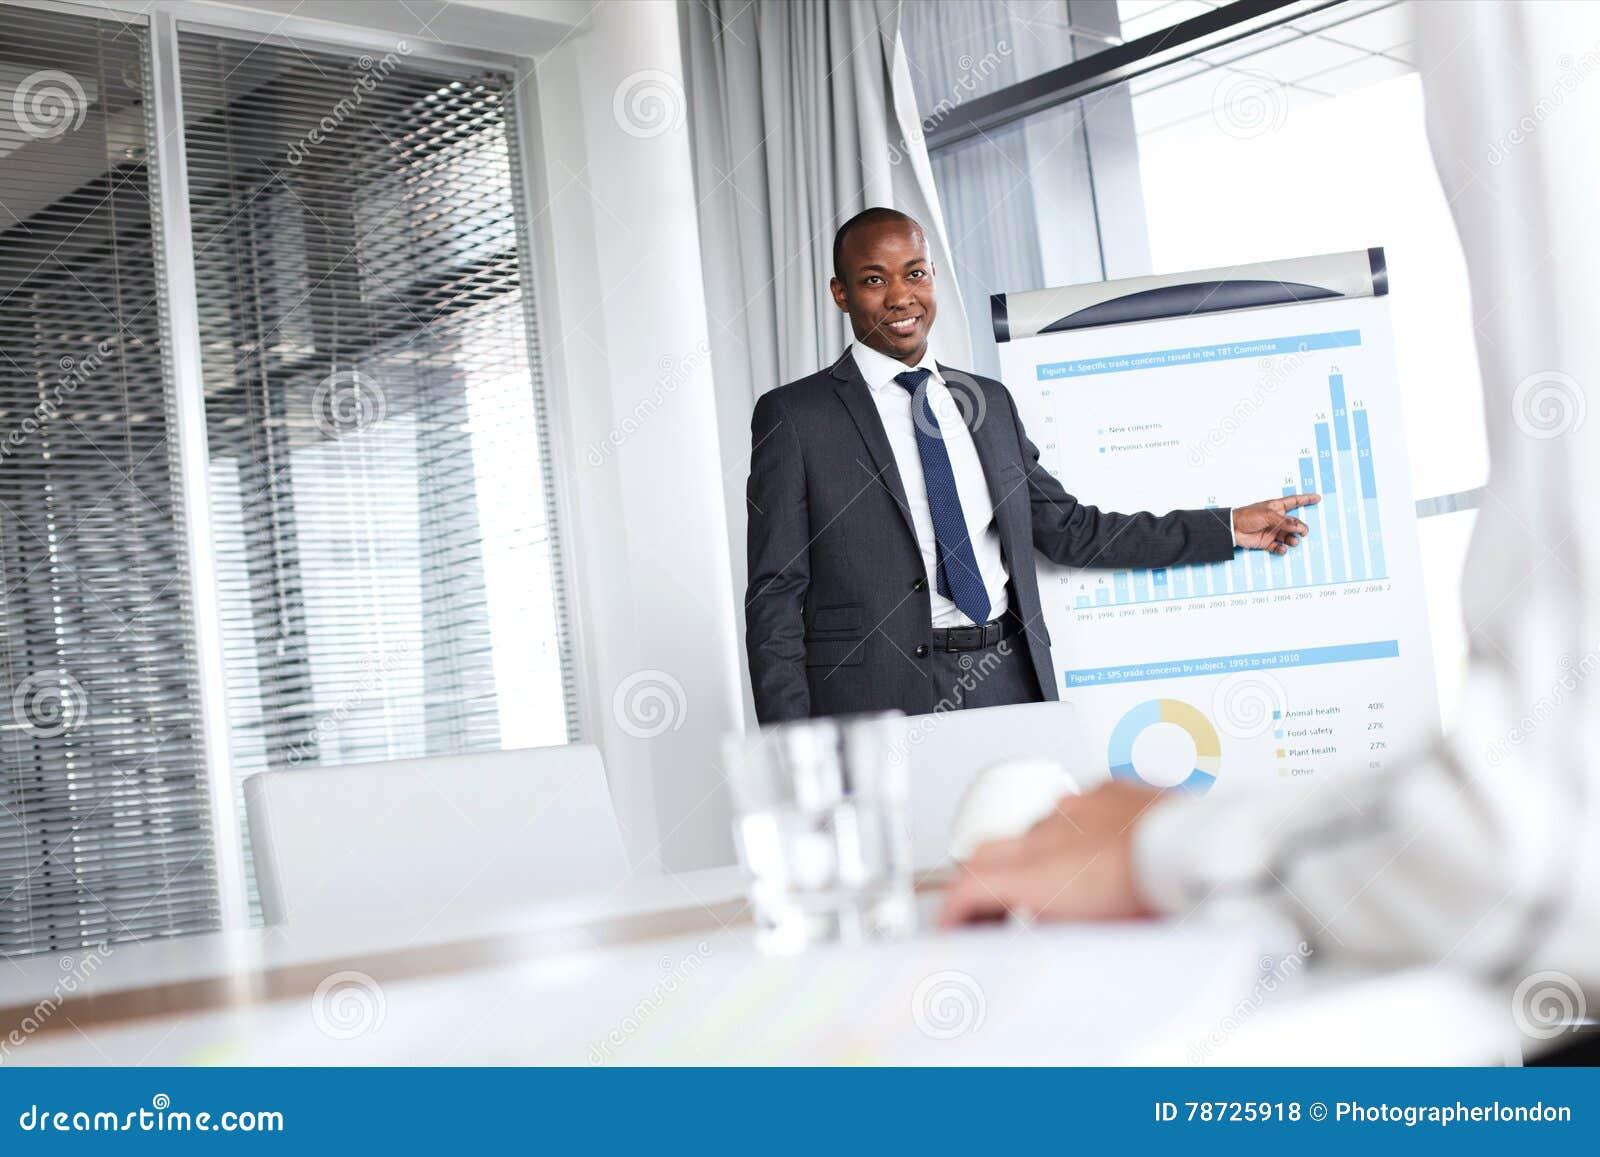 Säker ung affärsman som pekar in mot graf, medan ge presentation i regeringsställning